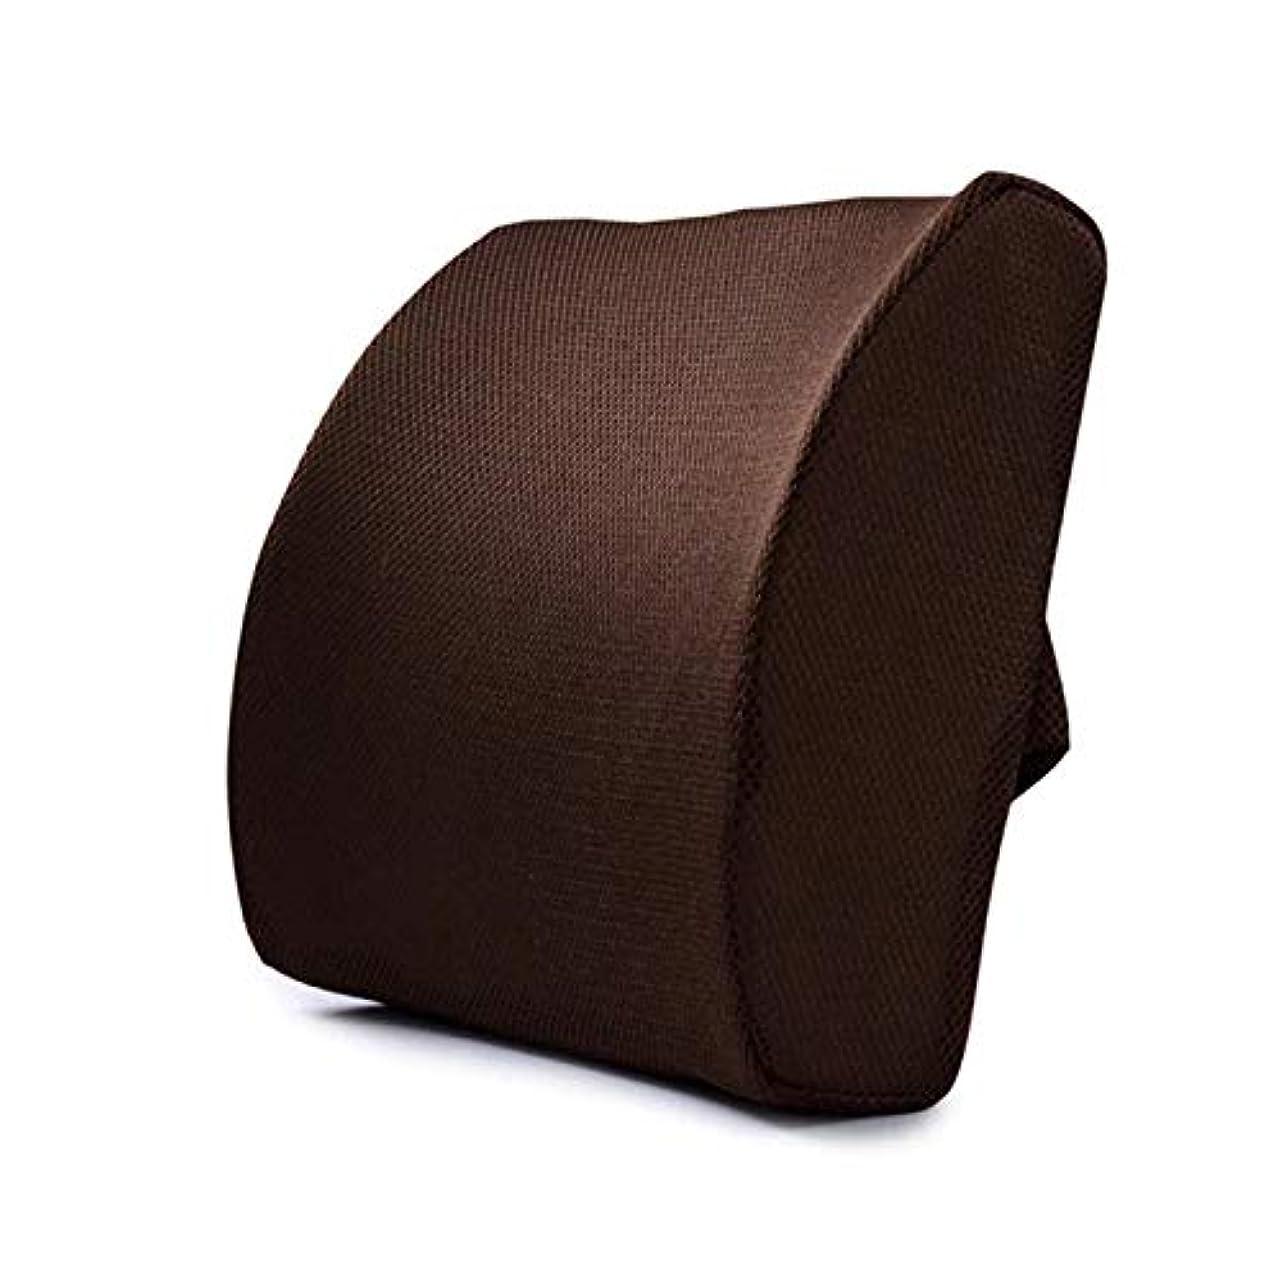 用心深い不振大腿LIFE ホームオフィス背もたれ椅子腰椎クッションカーシートネック枕 3D 低反発サポートバックマッサージウエストレスリビング枕 クッション 椅子